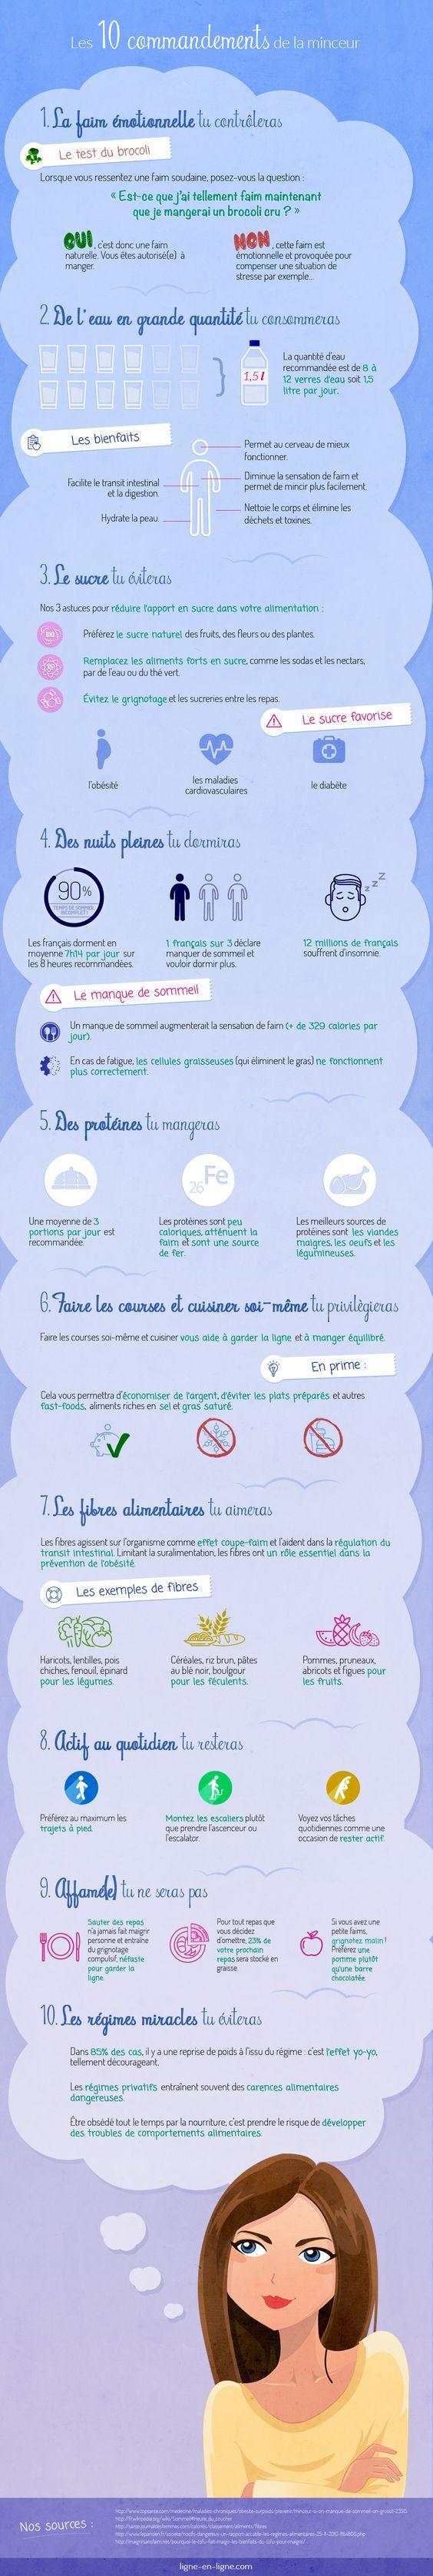 10 régles en or pour mincir > http://www.mutuelles-comparateur.fr/vos-menus-minceurs